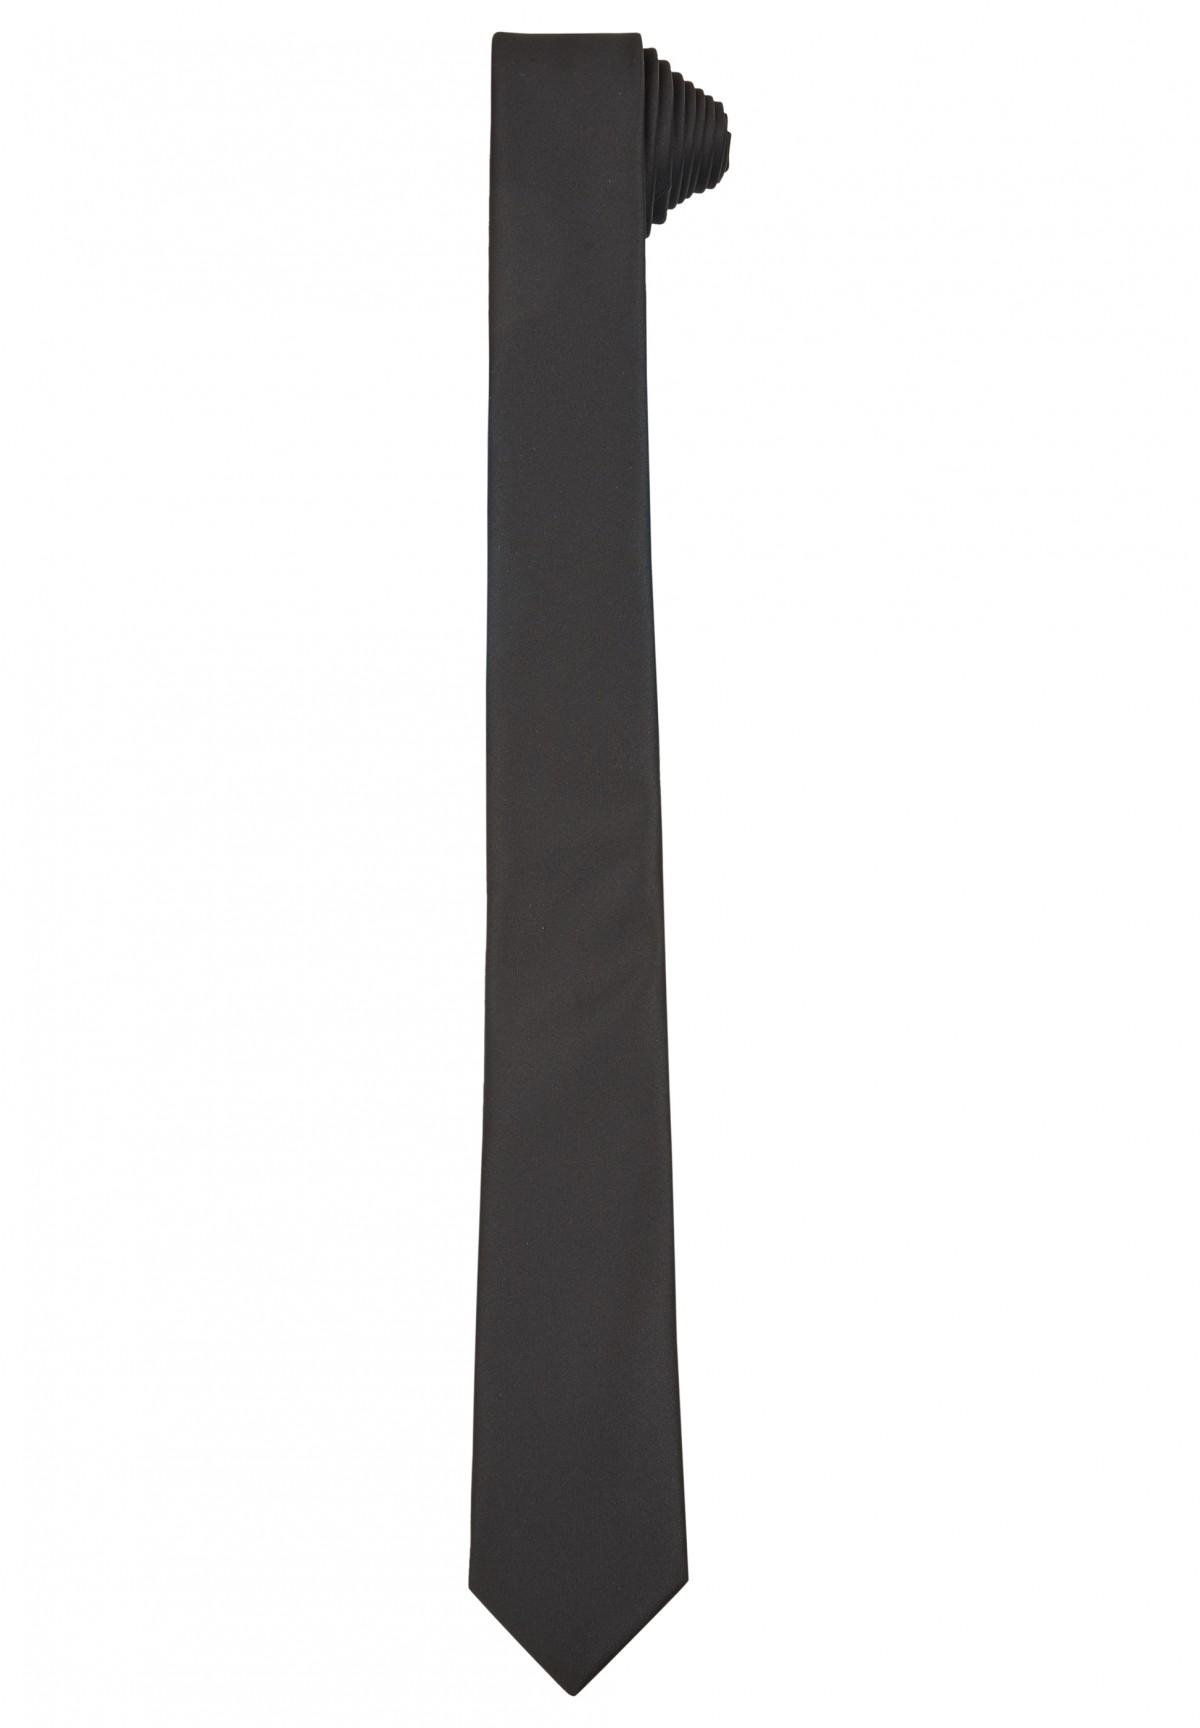 Modische Krawatte in einfarbigem Design / Modische Krawatte in einfarbigem Design